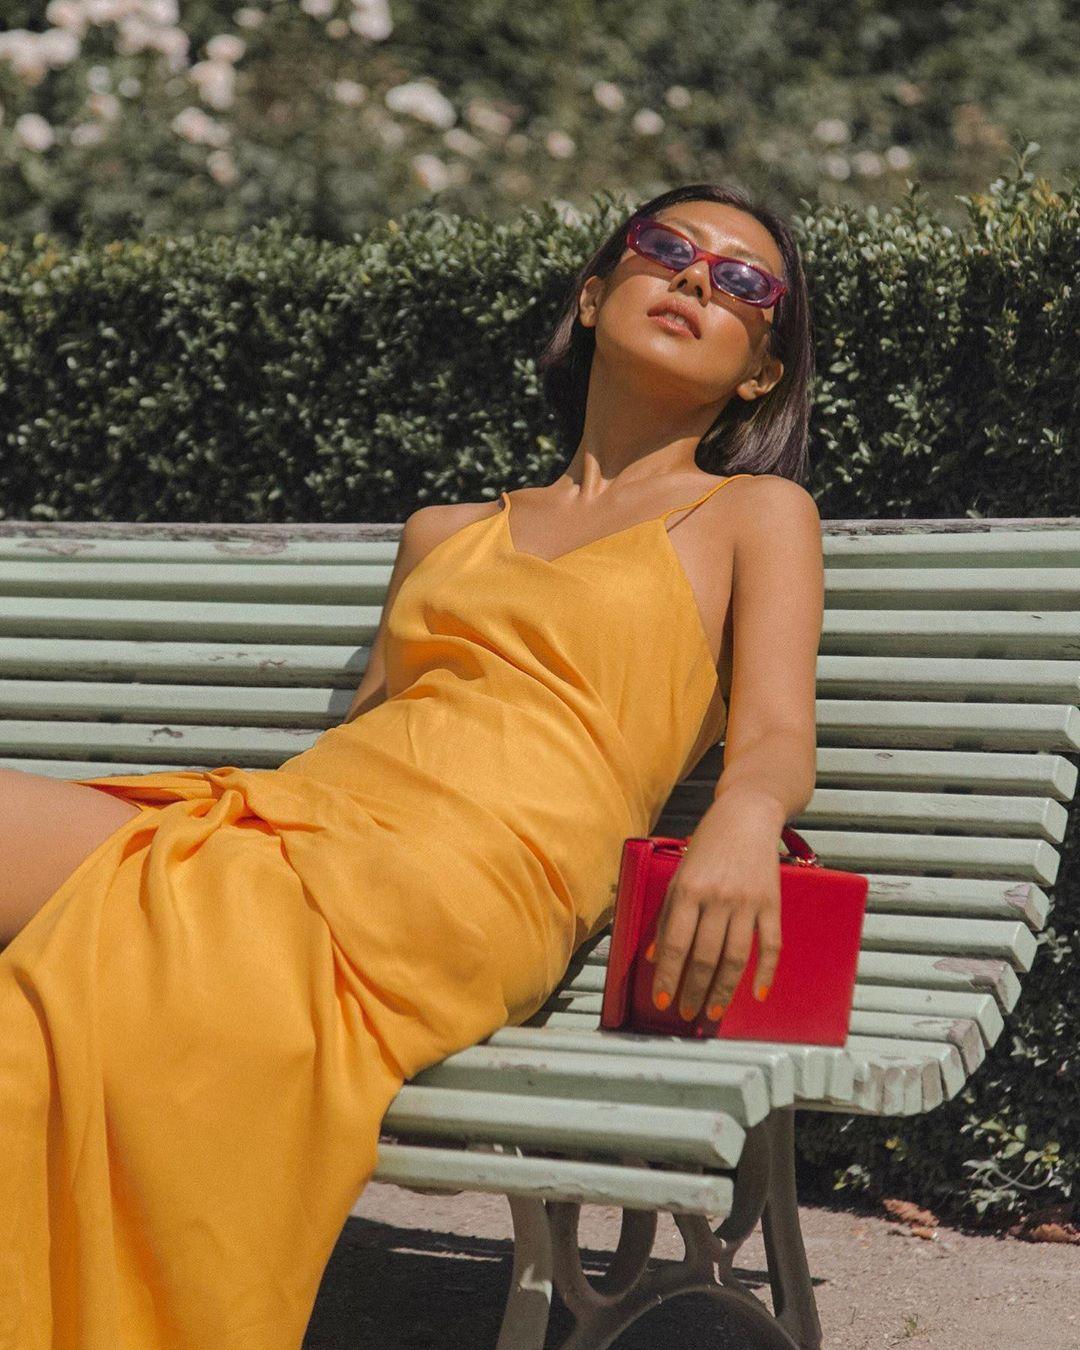 lizzuy mặc đầm vàng mù tạt và túi xách đỏ